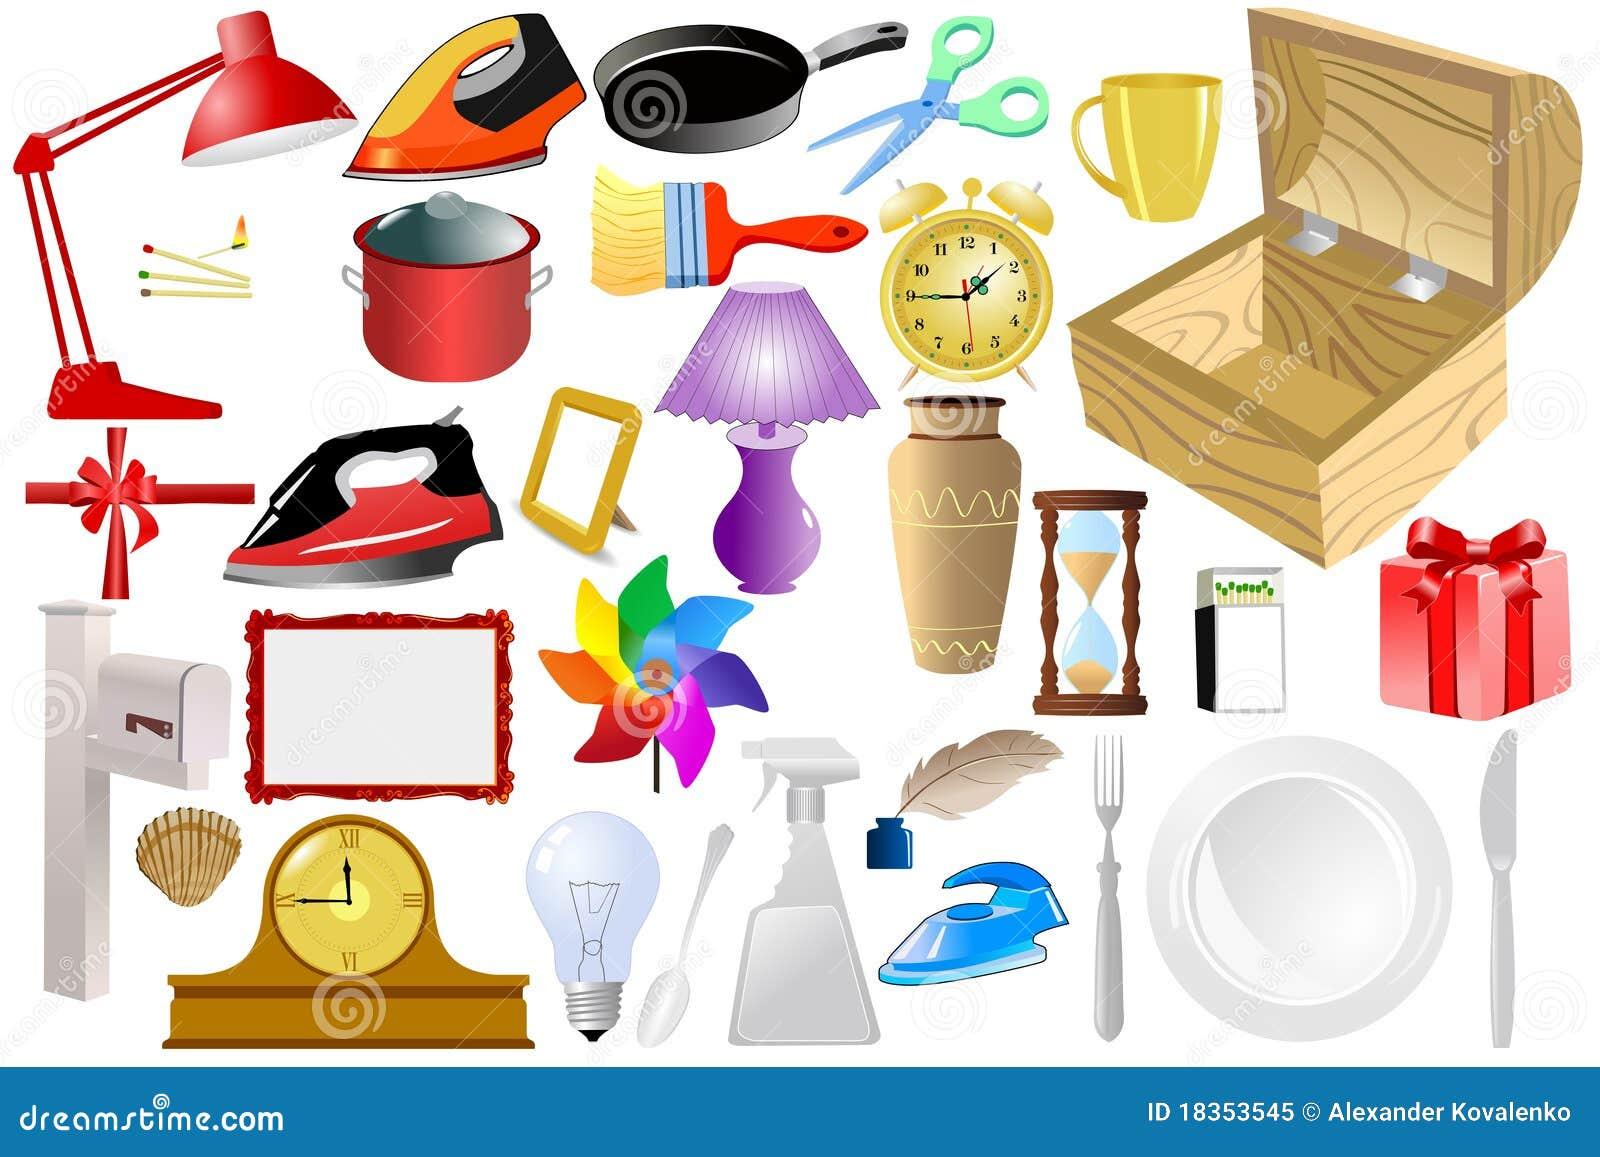 Objetos caseros foto de archivo libre de regal as imagen for Objetos decorativos para el hogar